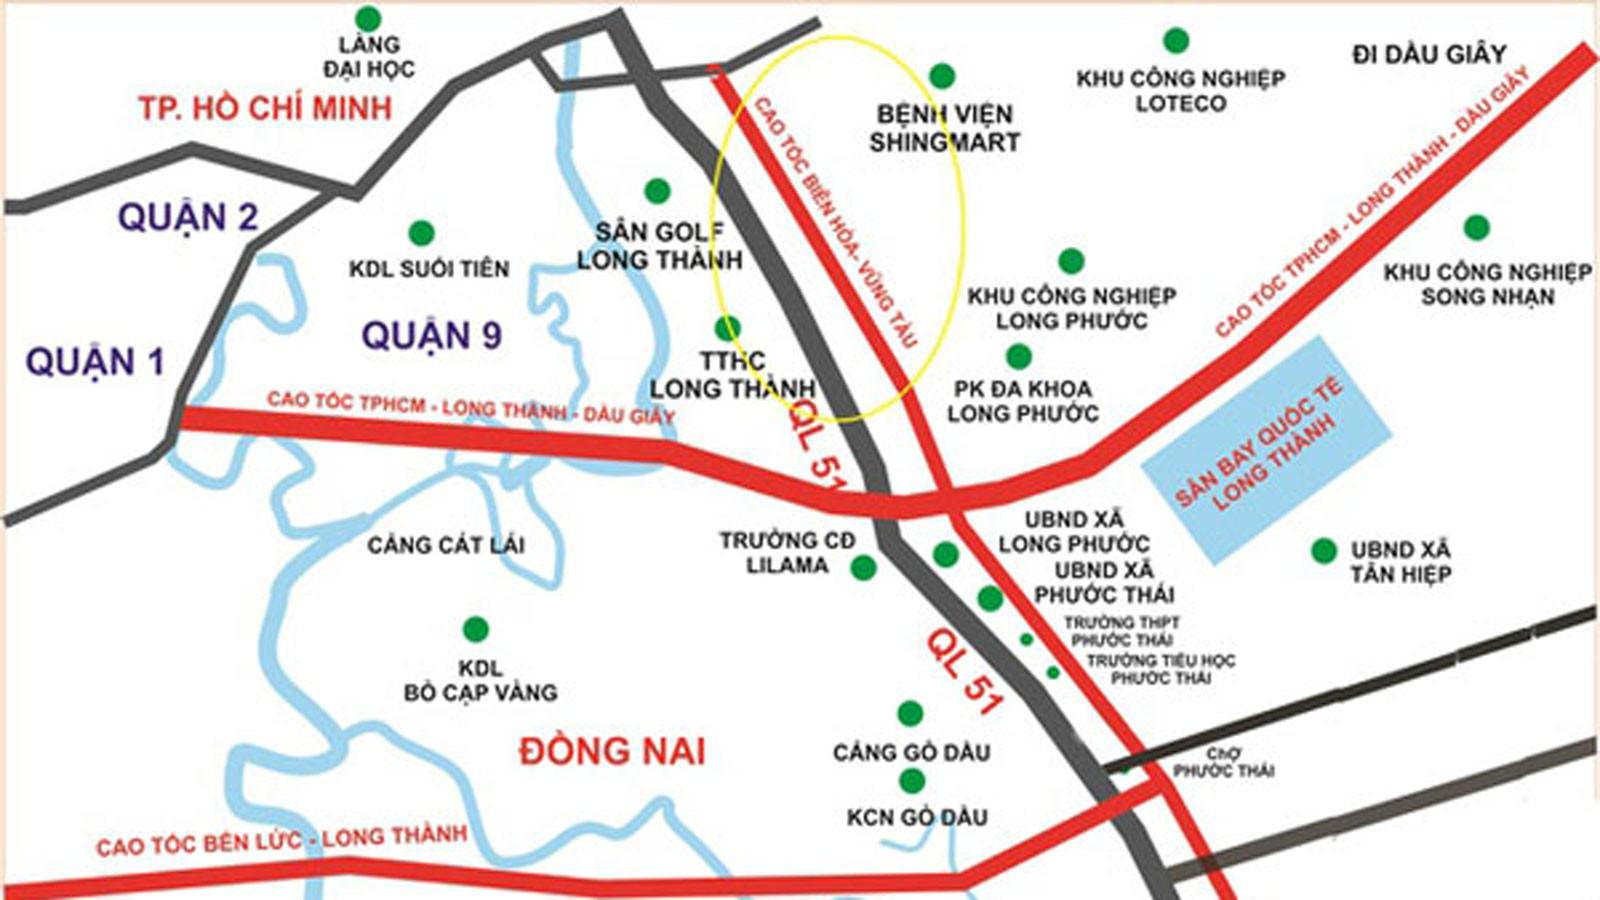 Chốt phương án đầu tư cao tốc Biên Hòa - Vũng Tàu, vốn gần 23.700 tỷ đồng